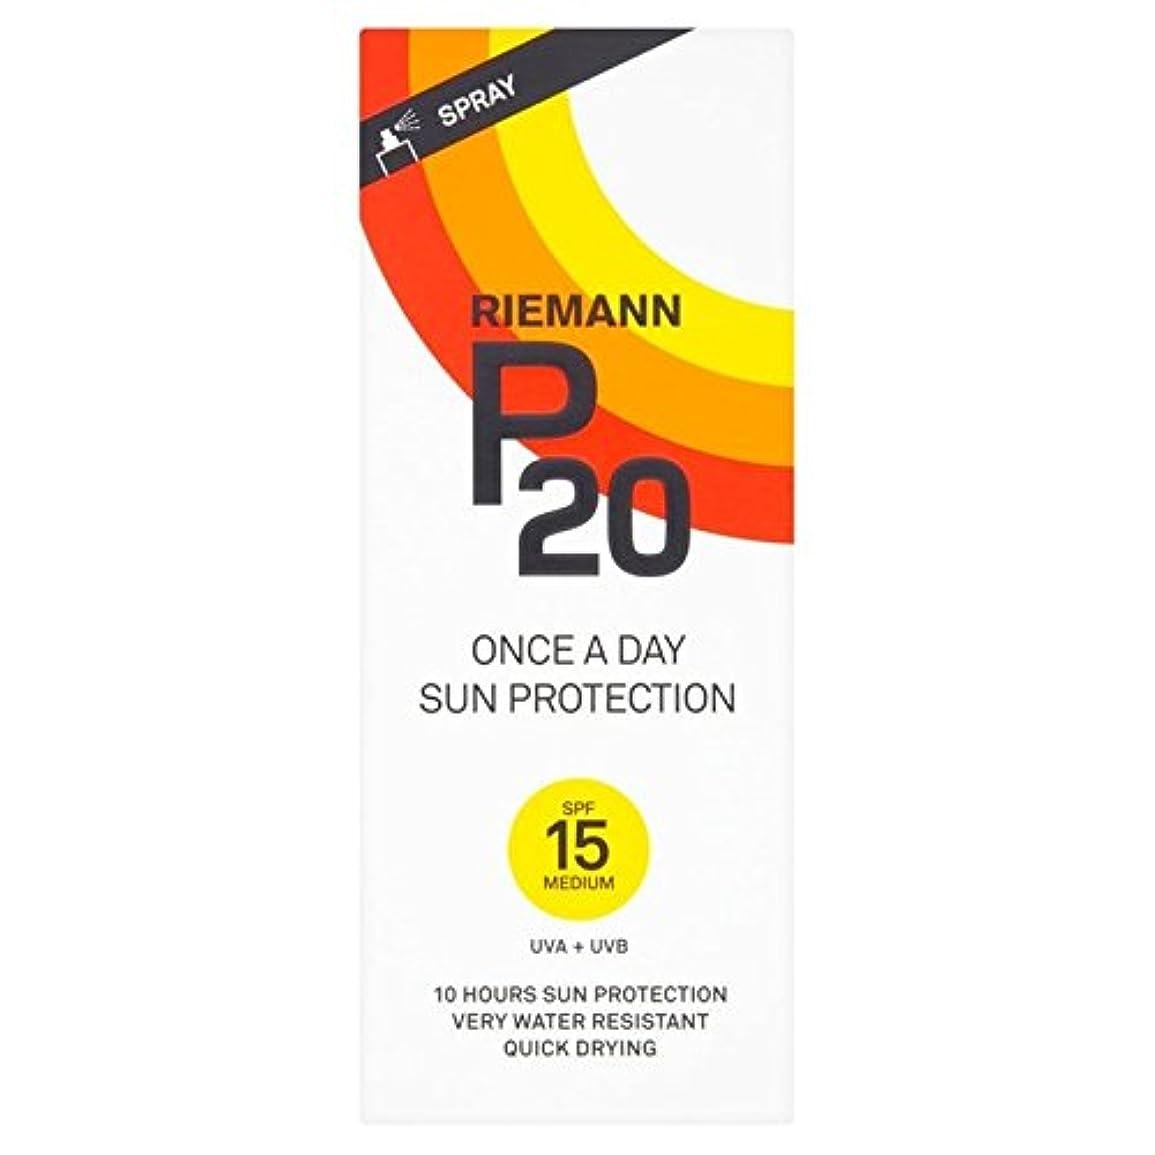 シャイ冷笑する立ち向かうリーマン20 15 1日/ 10時間の保護200ミリリットル x2 - Riemann P20 SPF15 1 Day/10 Hour Protection 200ml (Pack of 2) [並行輸入品]